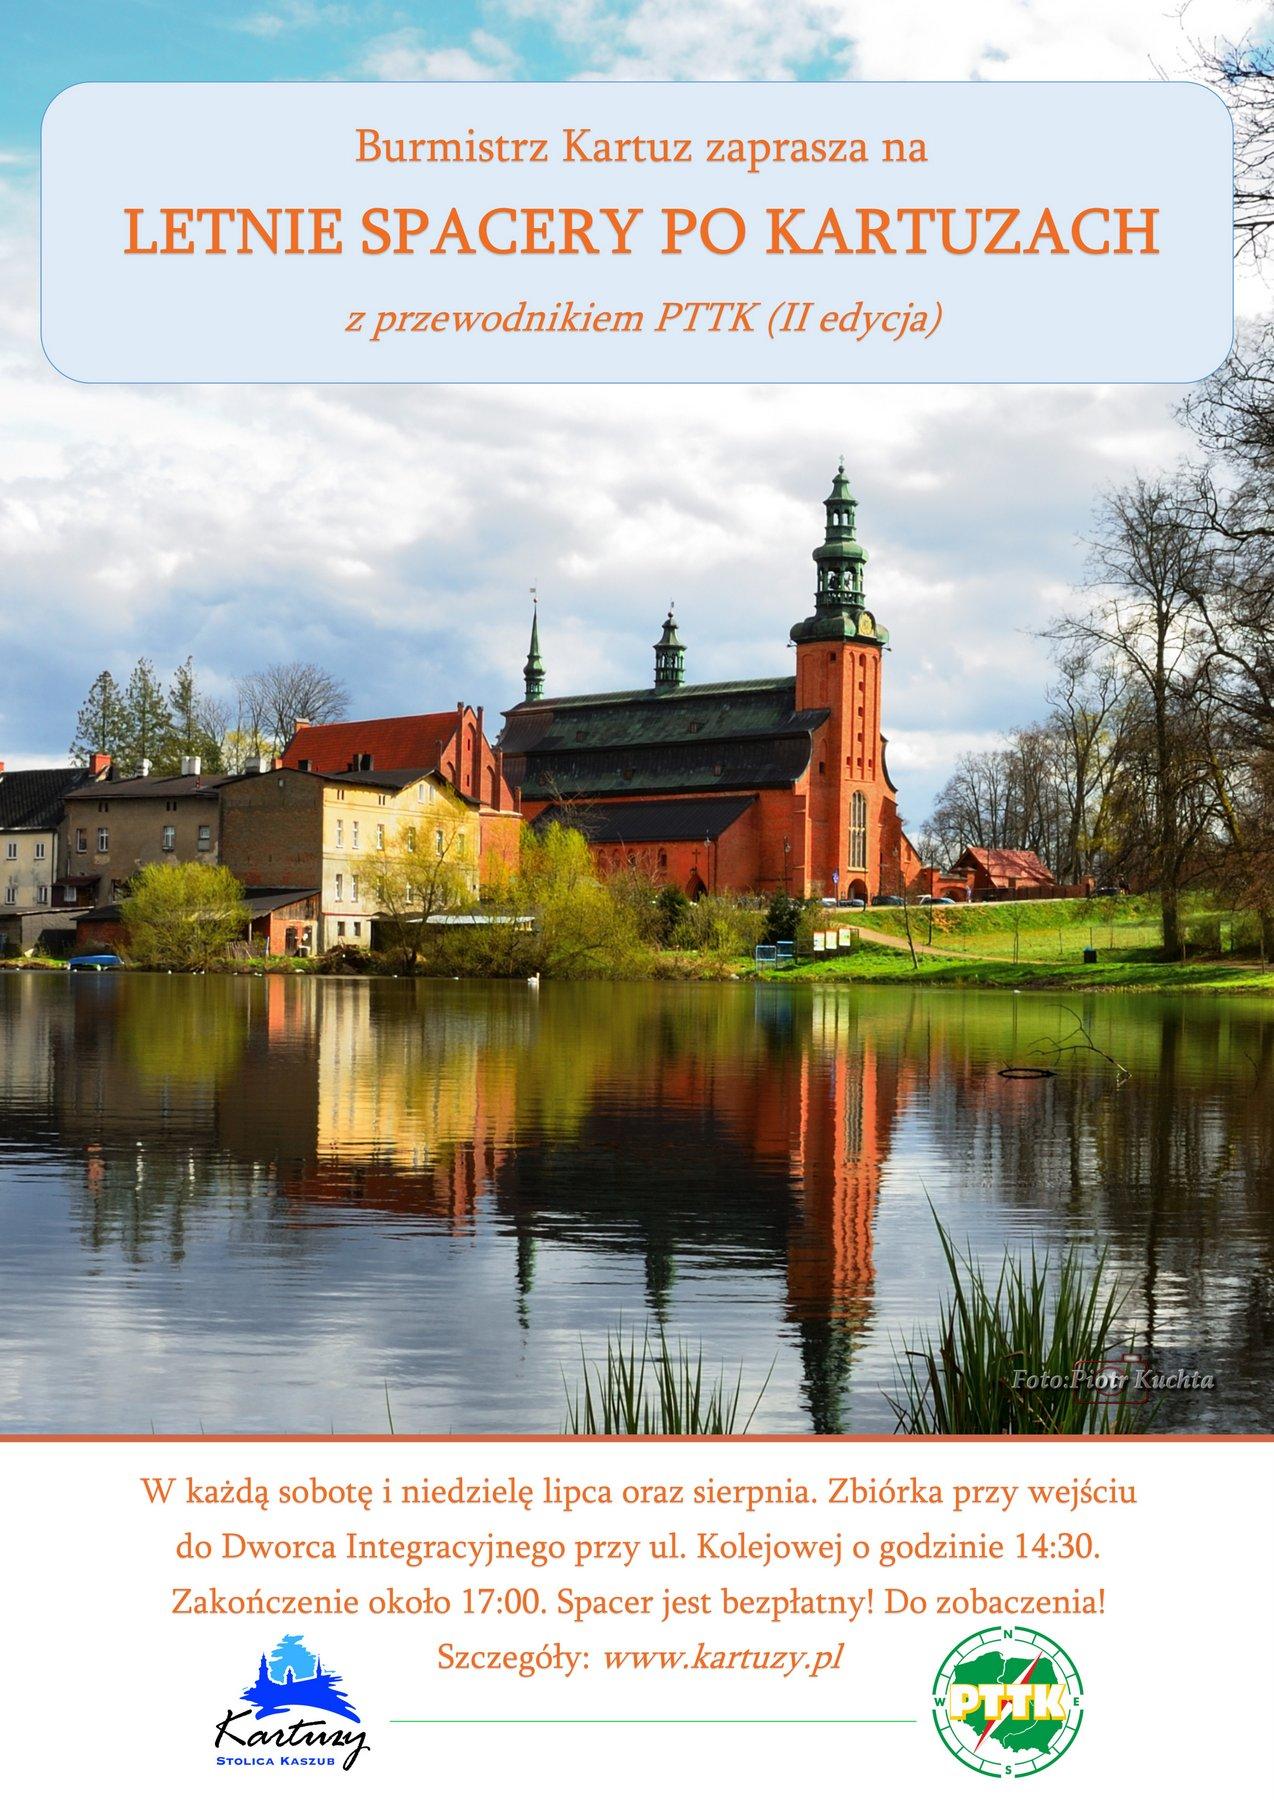 III Edycja - Letnie spacery po Kartuzach - lipiec, sierpień 2019